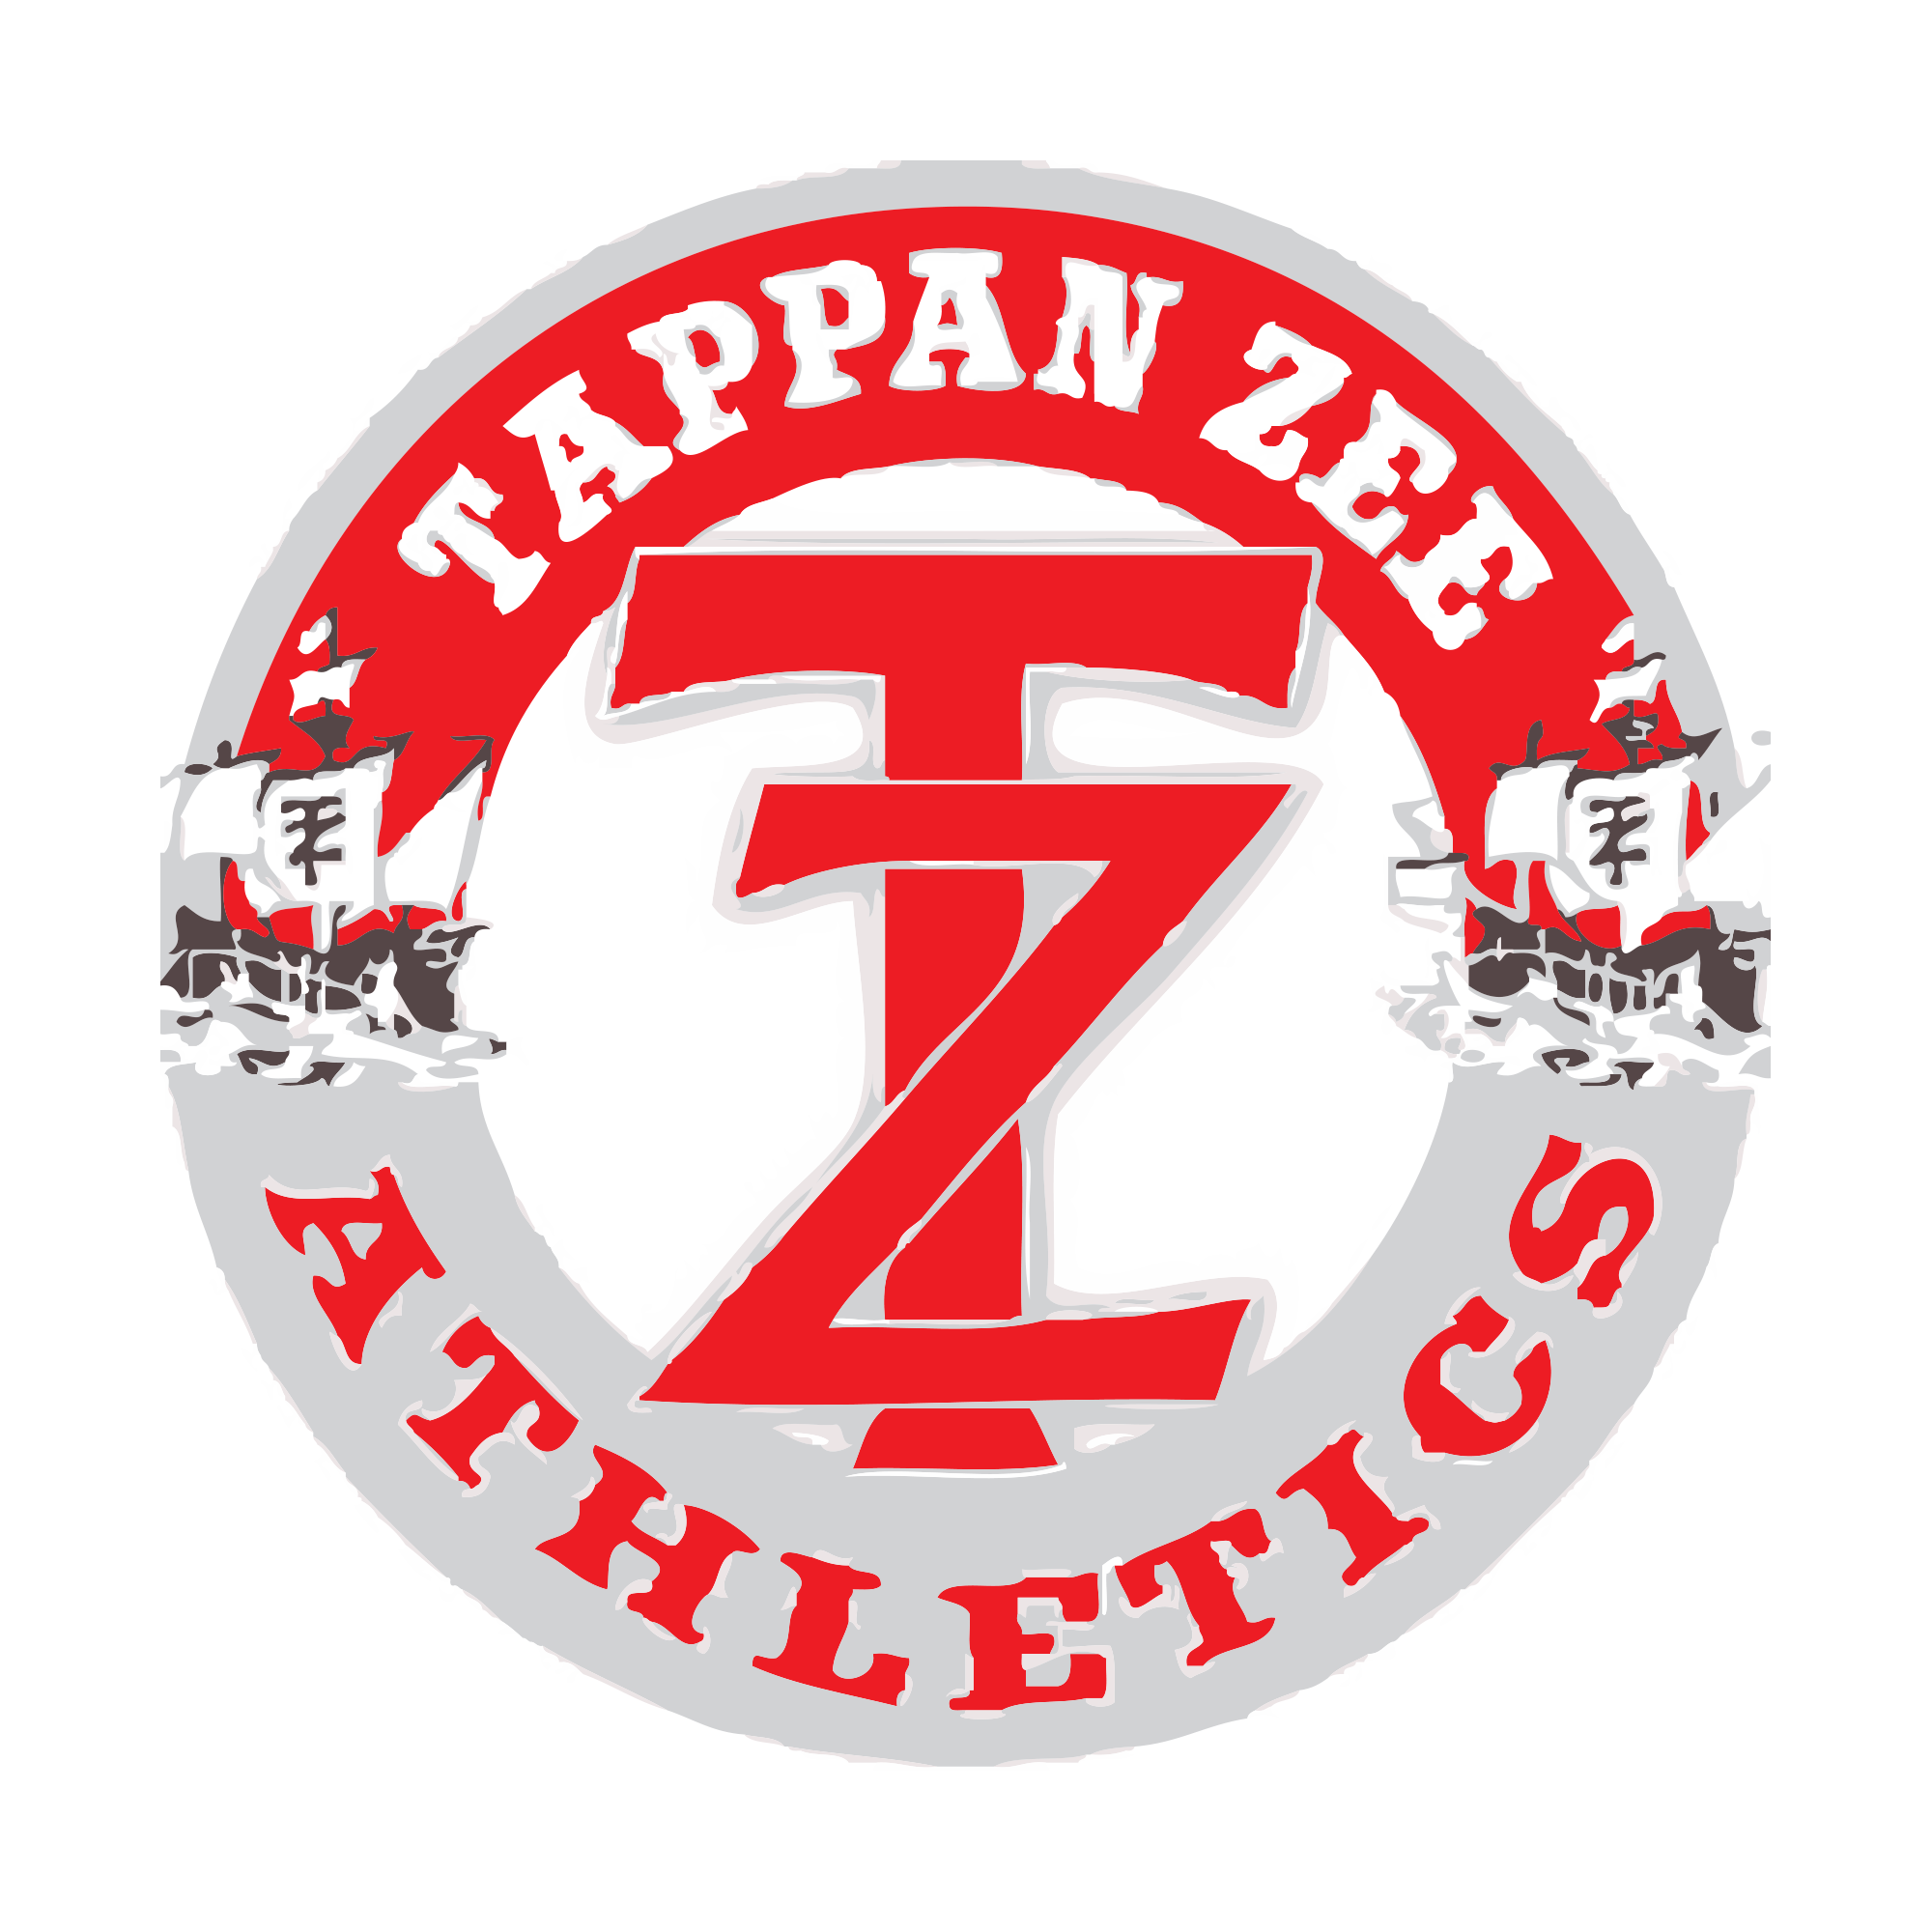 Tappan Zee High School